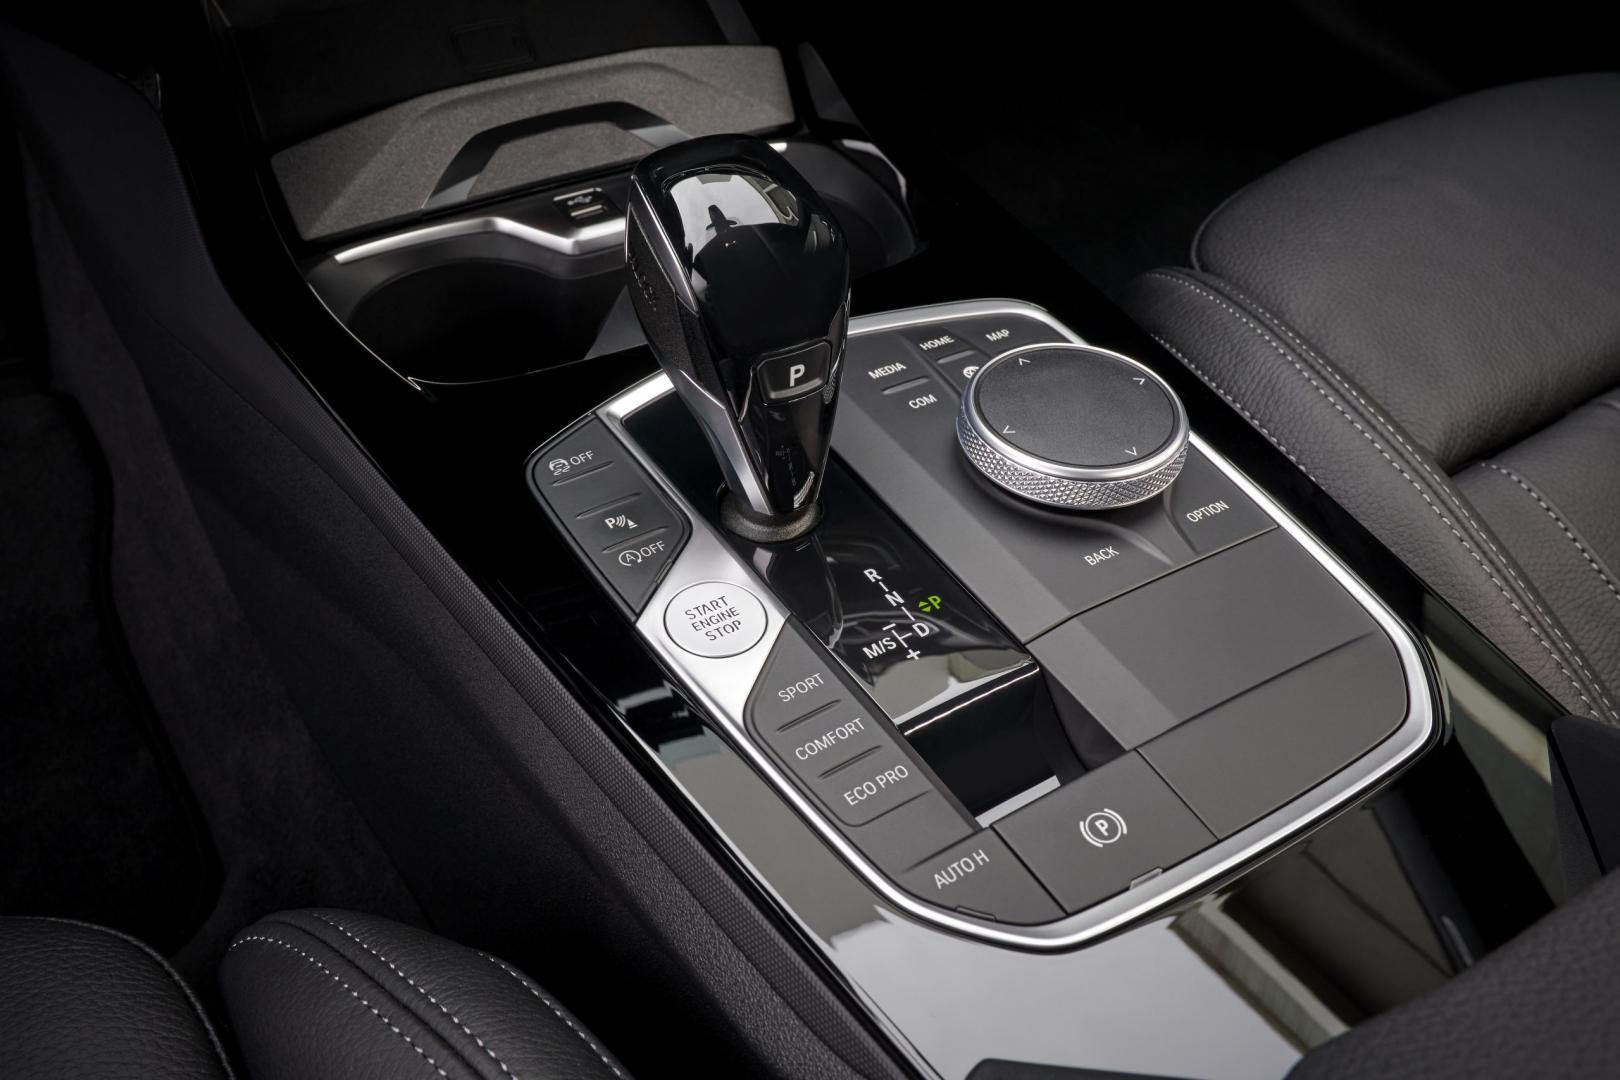 Pook automaat van de BMW M235i xDrive